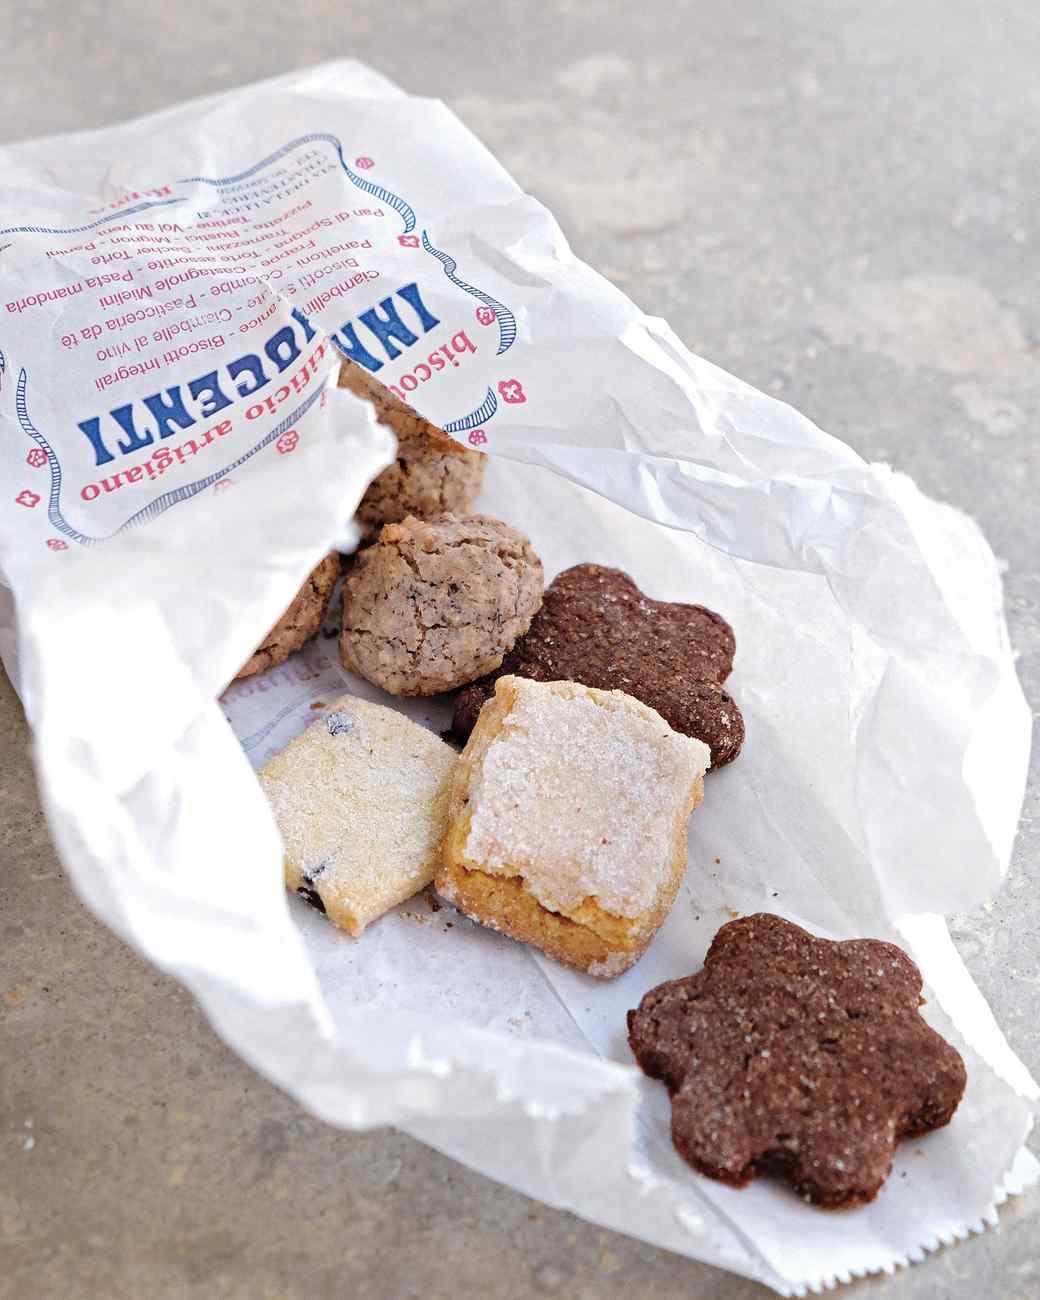 bakery-sweets-dscf5346.jpg